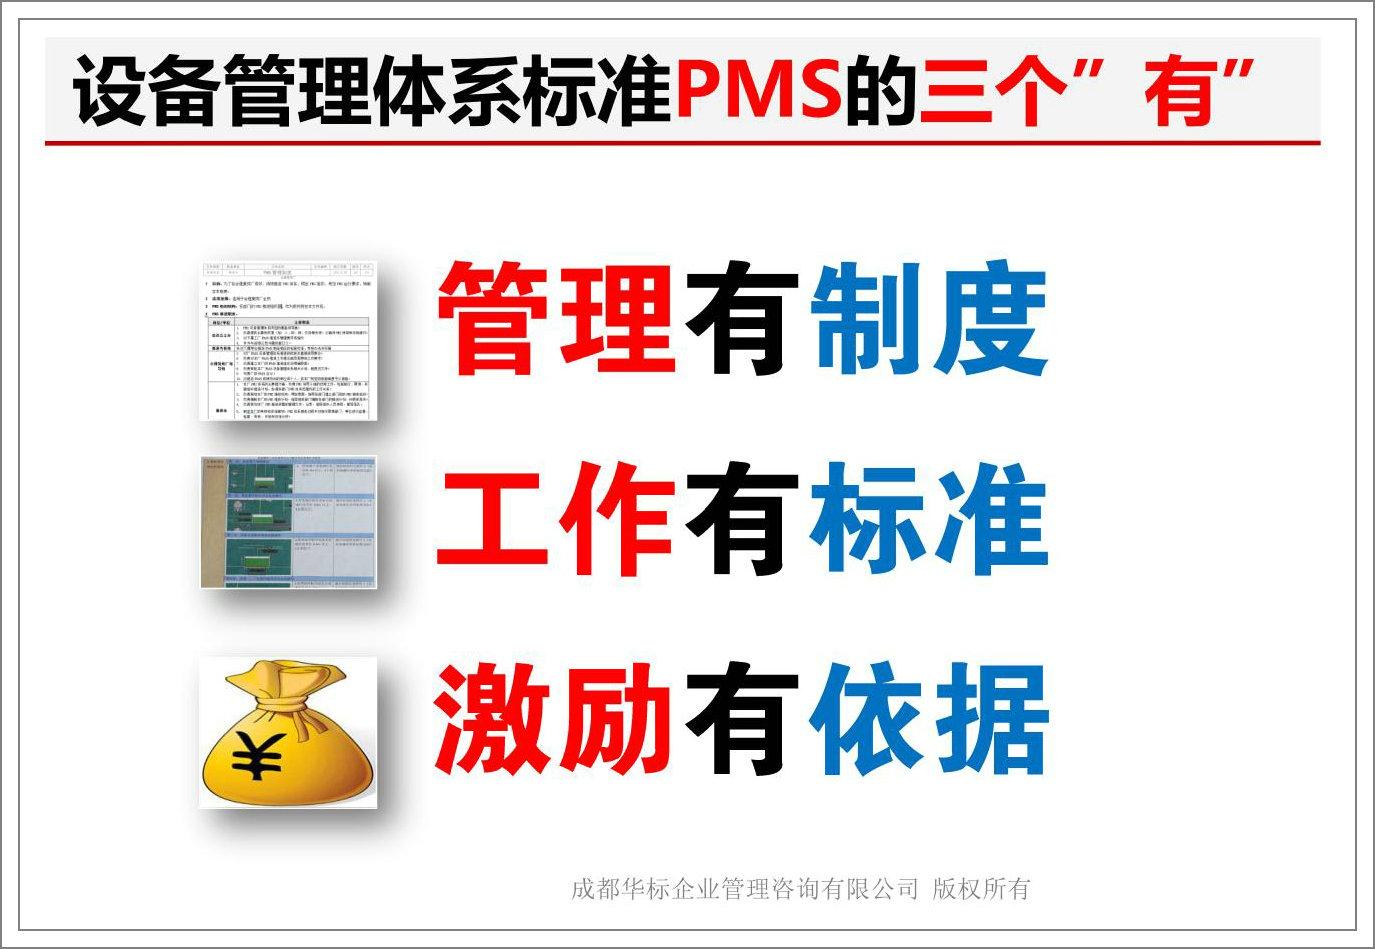 设备管理体系标准PMS的三个有.jpg